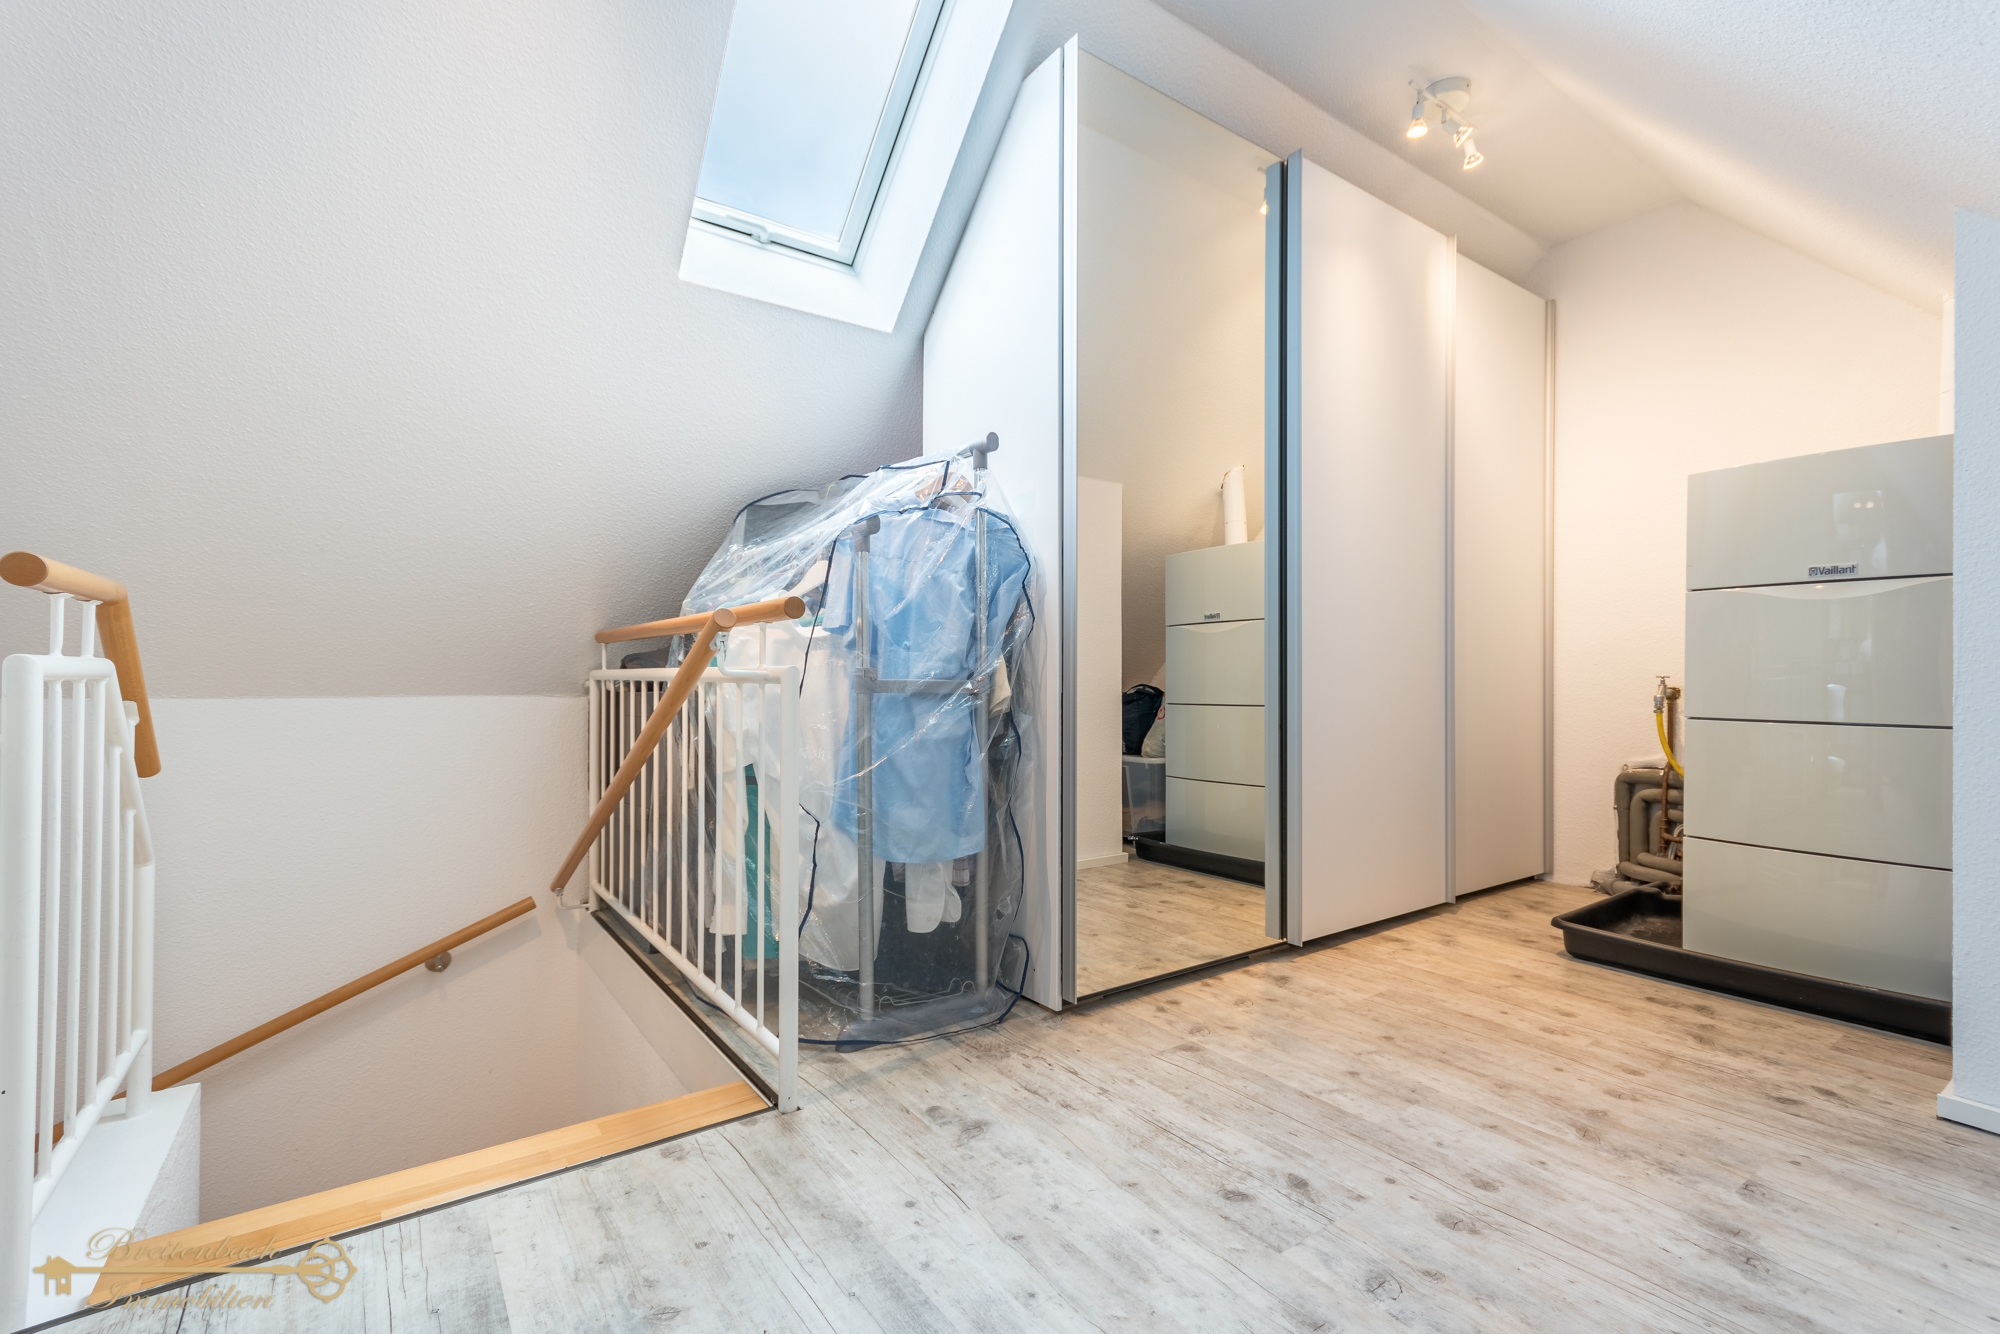 2020-05-26-Breitenbach-Immobilien-11